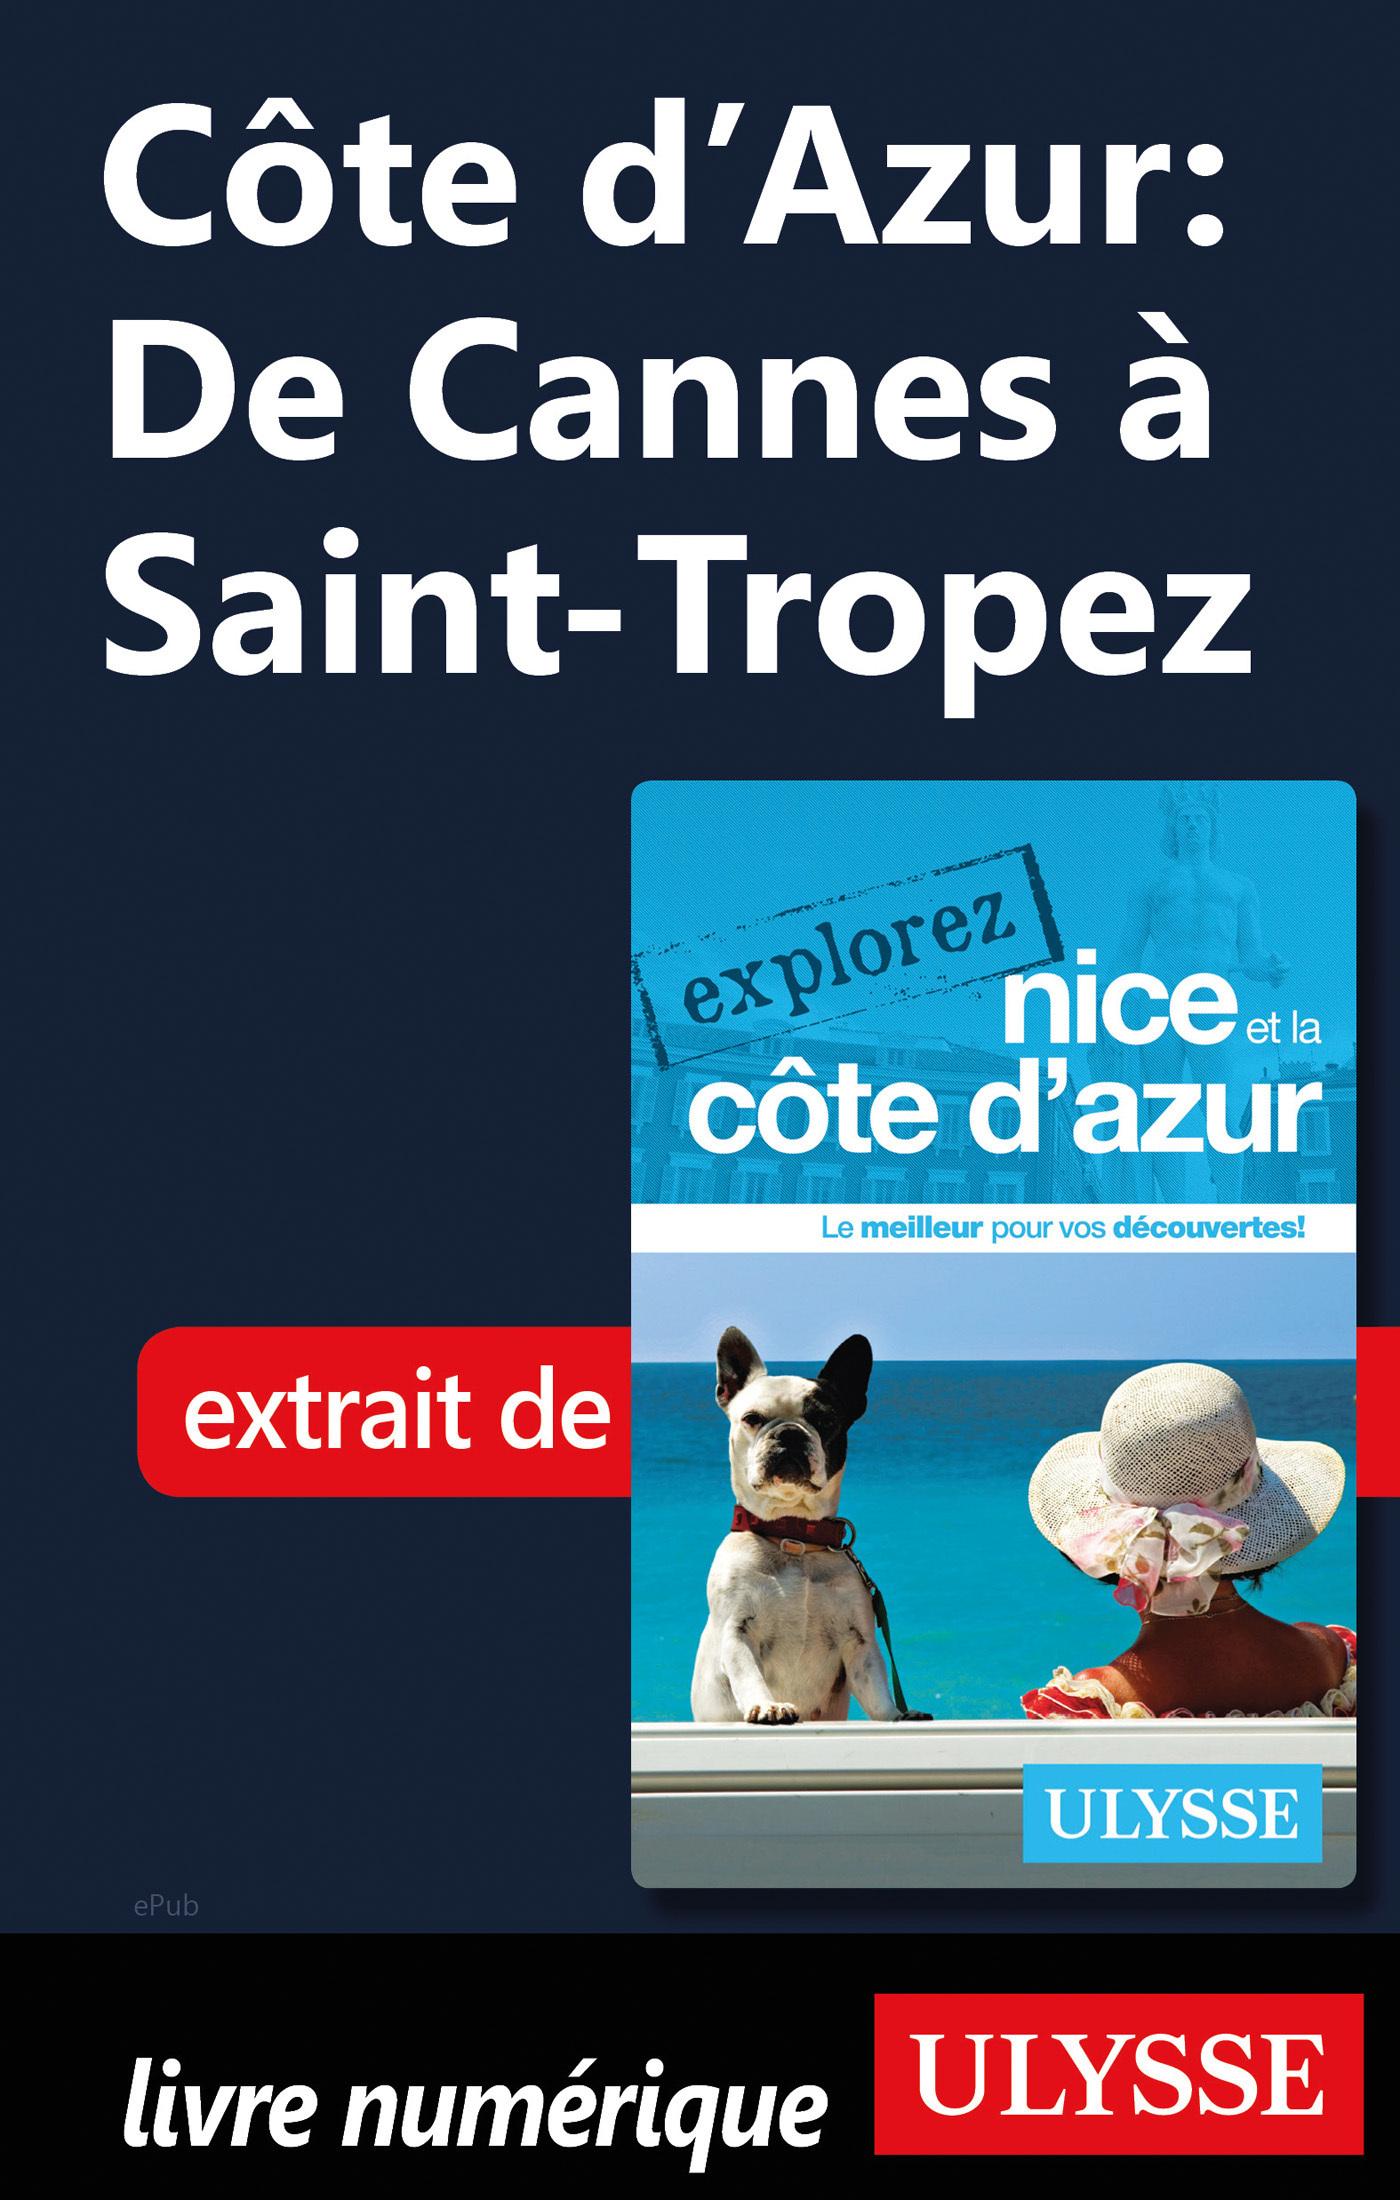 Côte d'Azur : De Cannes à Saint-Tropez